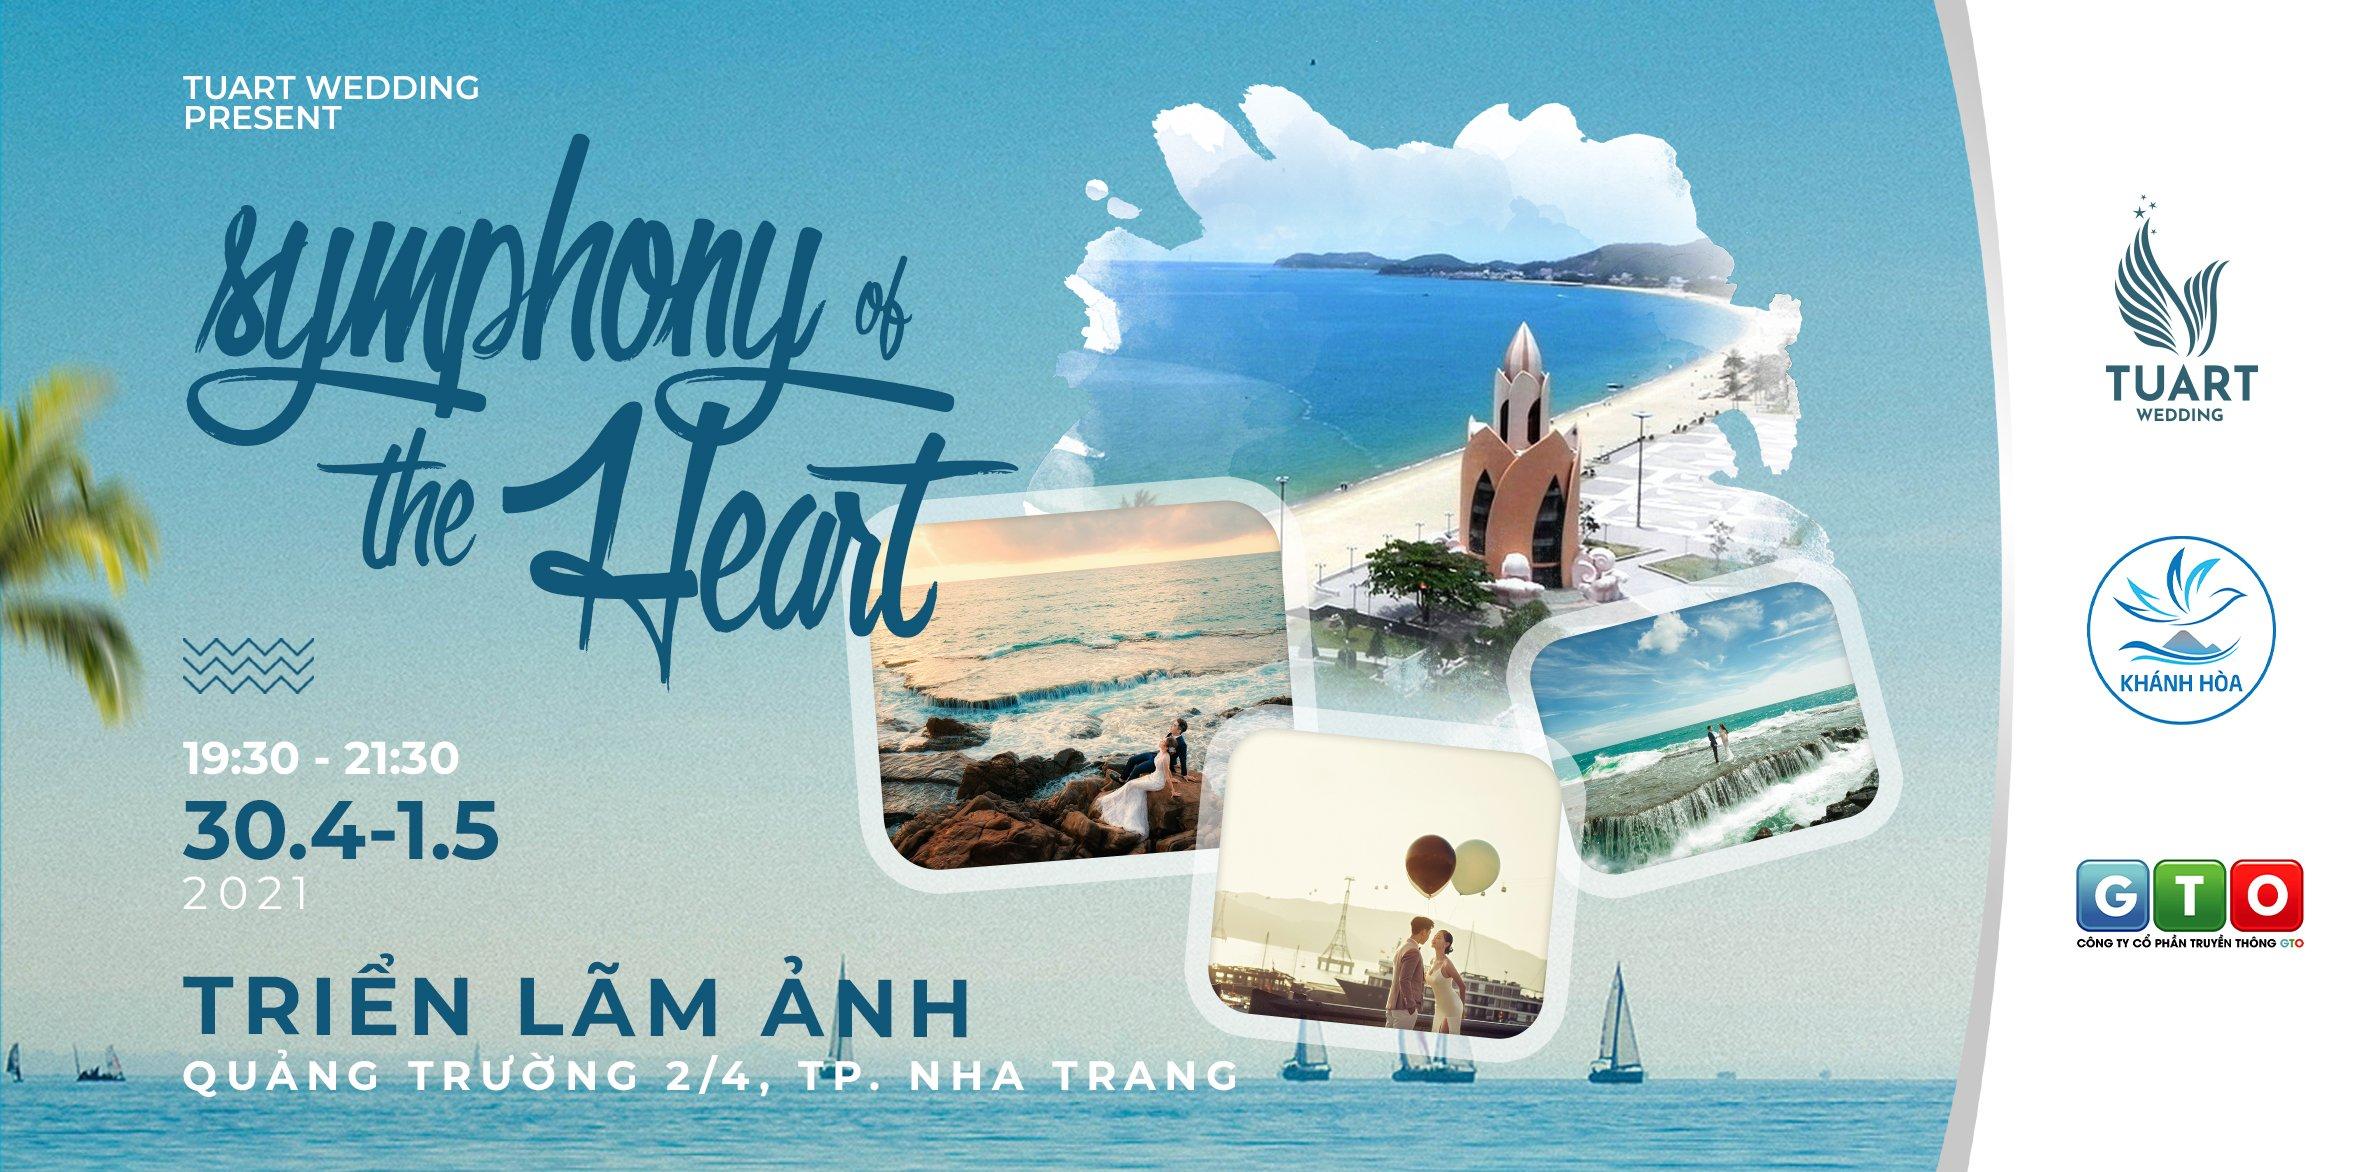 TuArt Wedding: Triển lãm ảnh Gia Điệu Trái Tim – Symphony Of The Heart